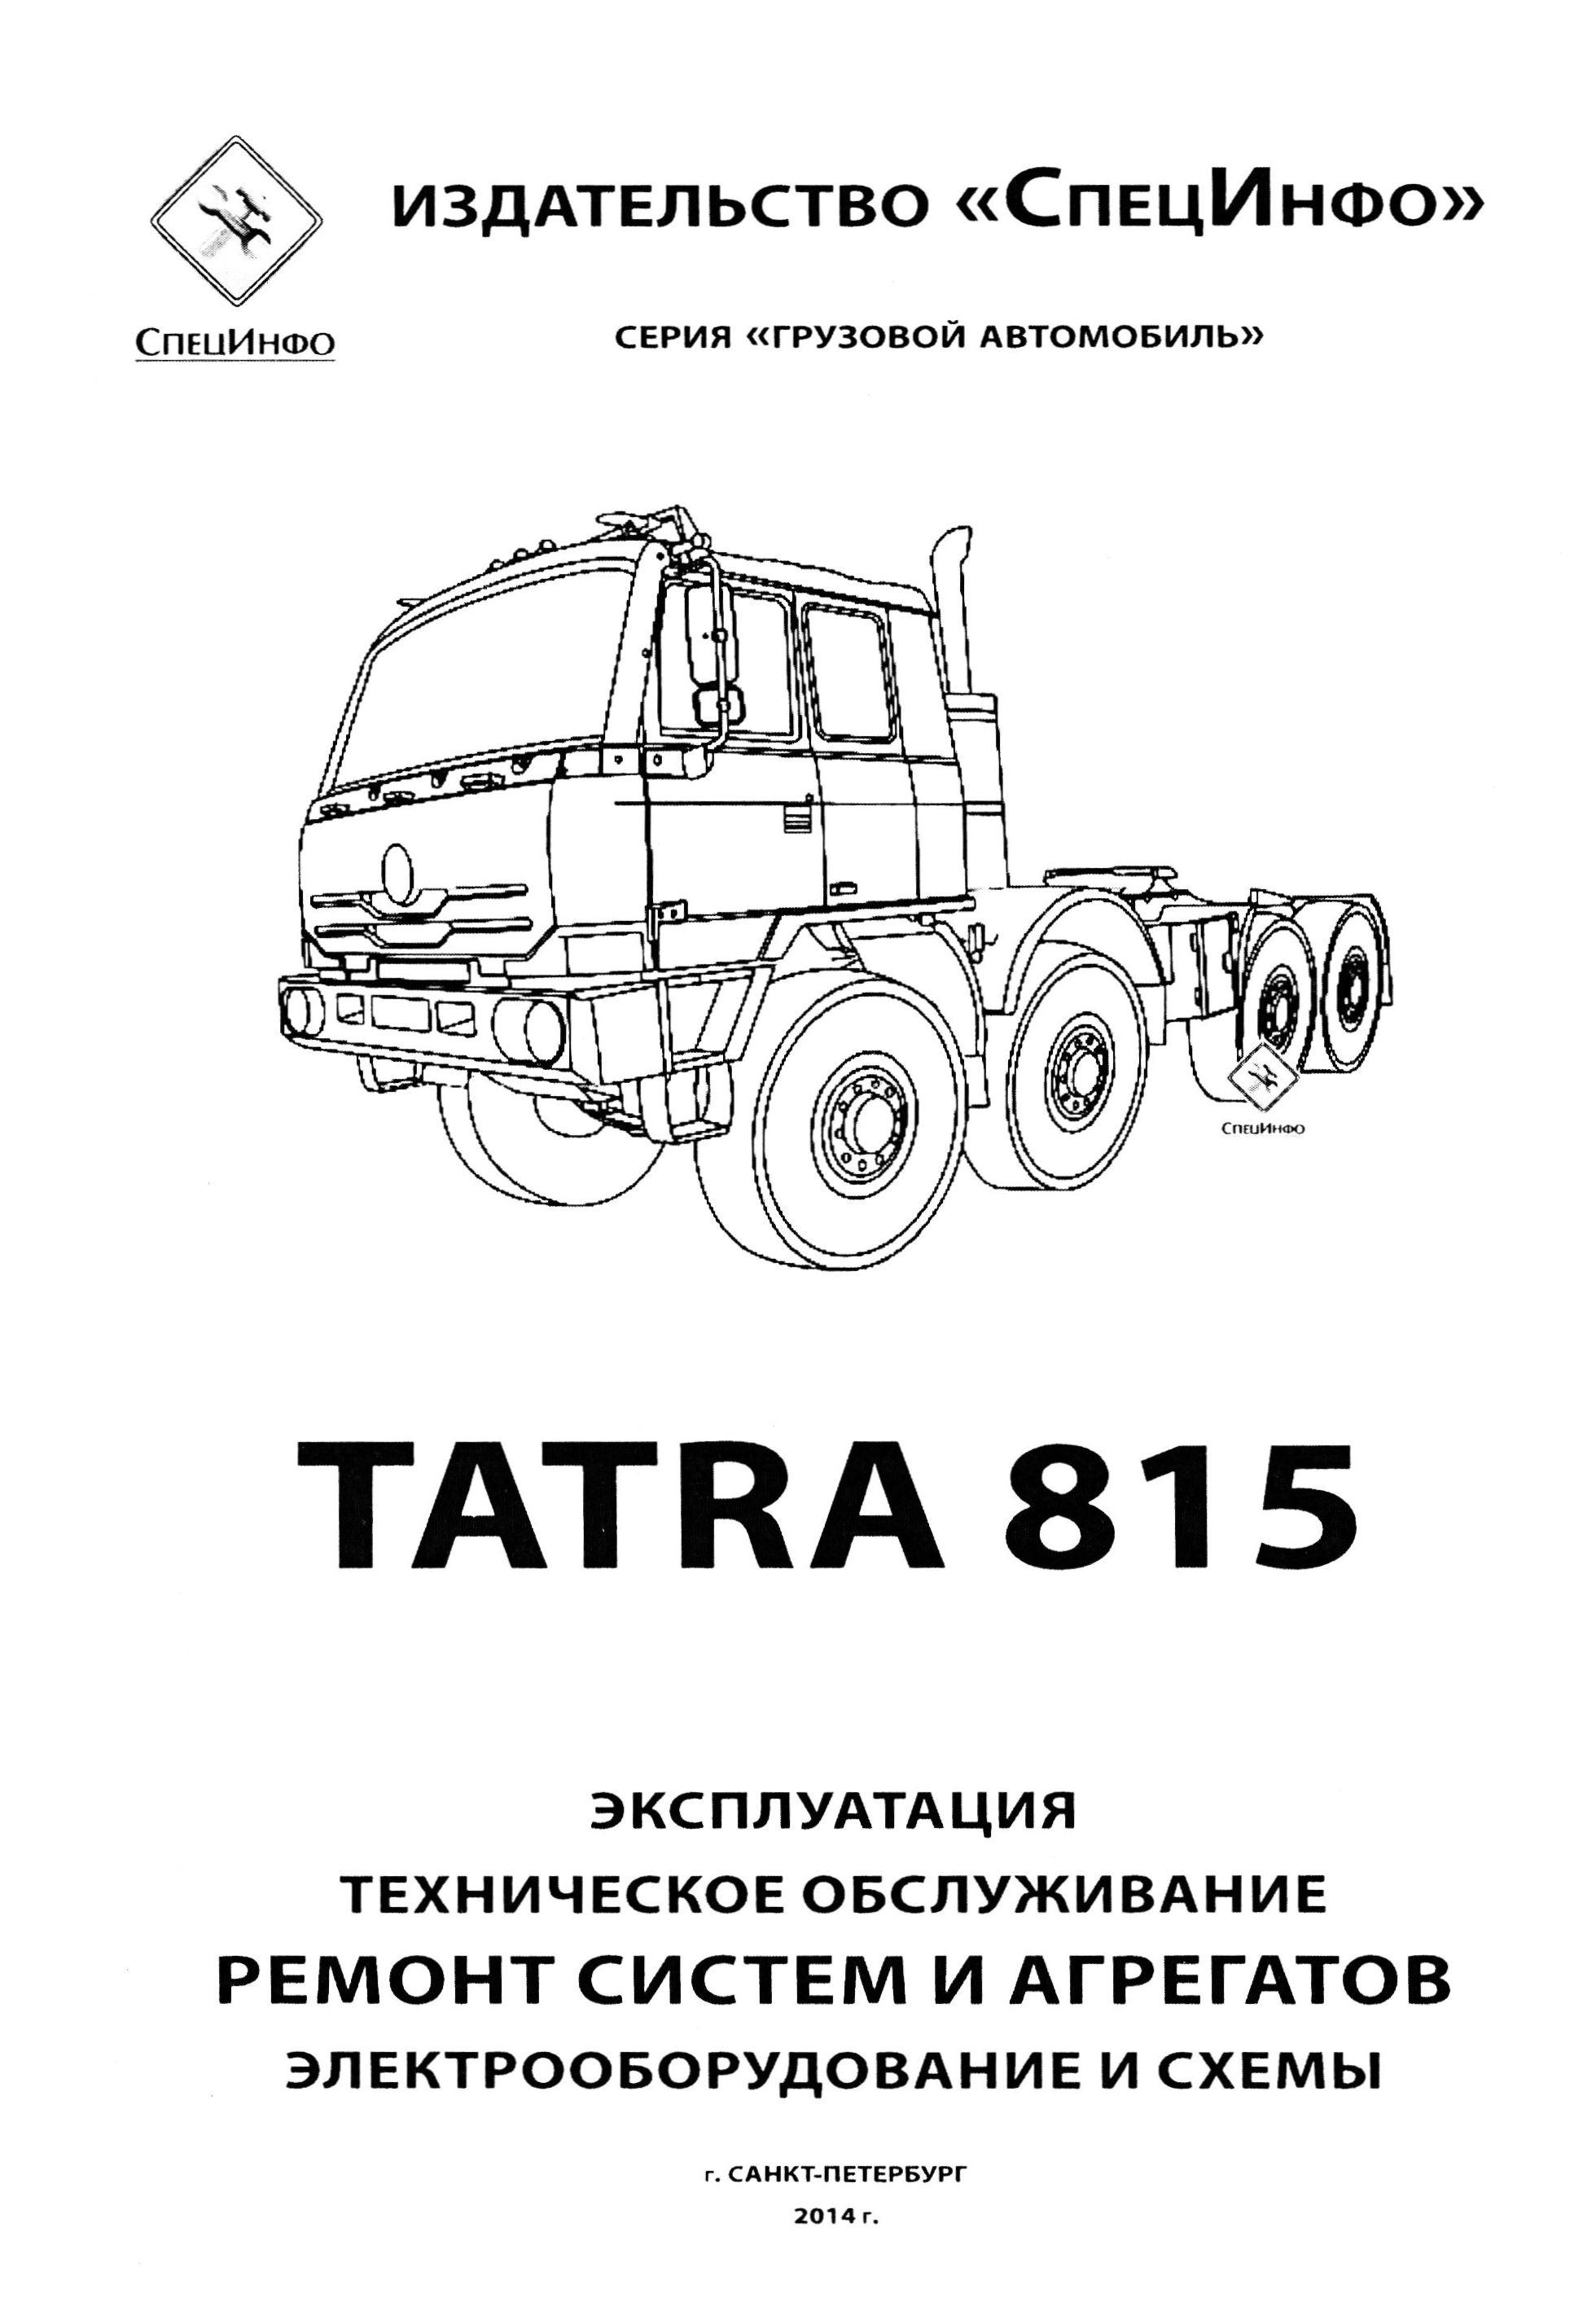 Инструкция по ремонту автомобиля татра 815